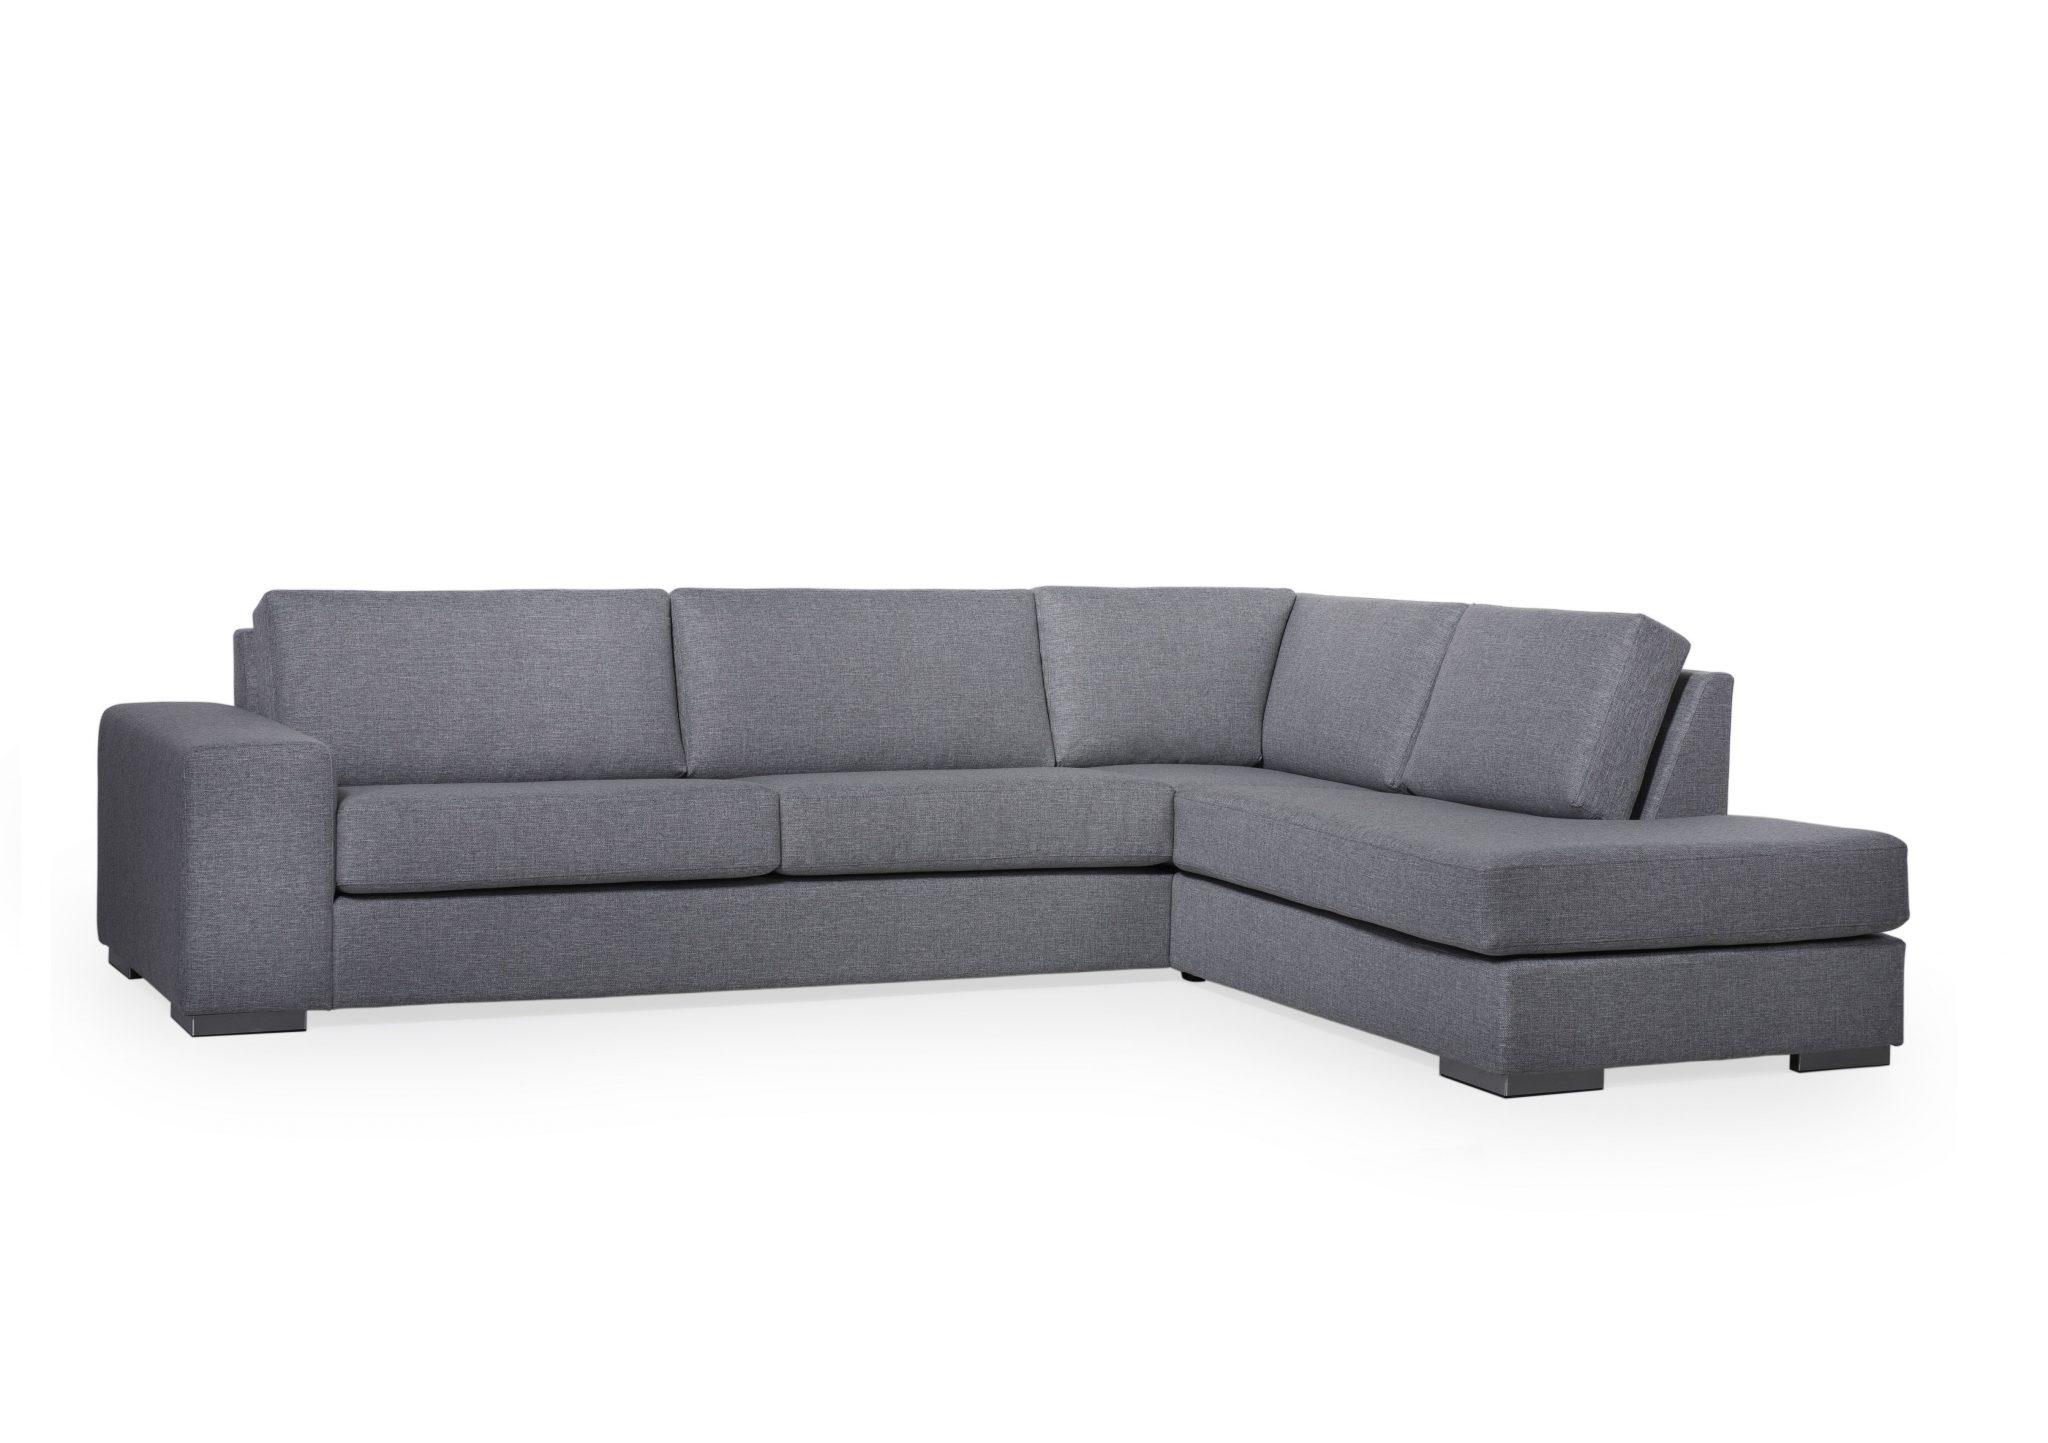 Fesselnde Sofa Modern Das Beste Von Living Modular Scandinavian Style Softnord (4)